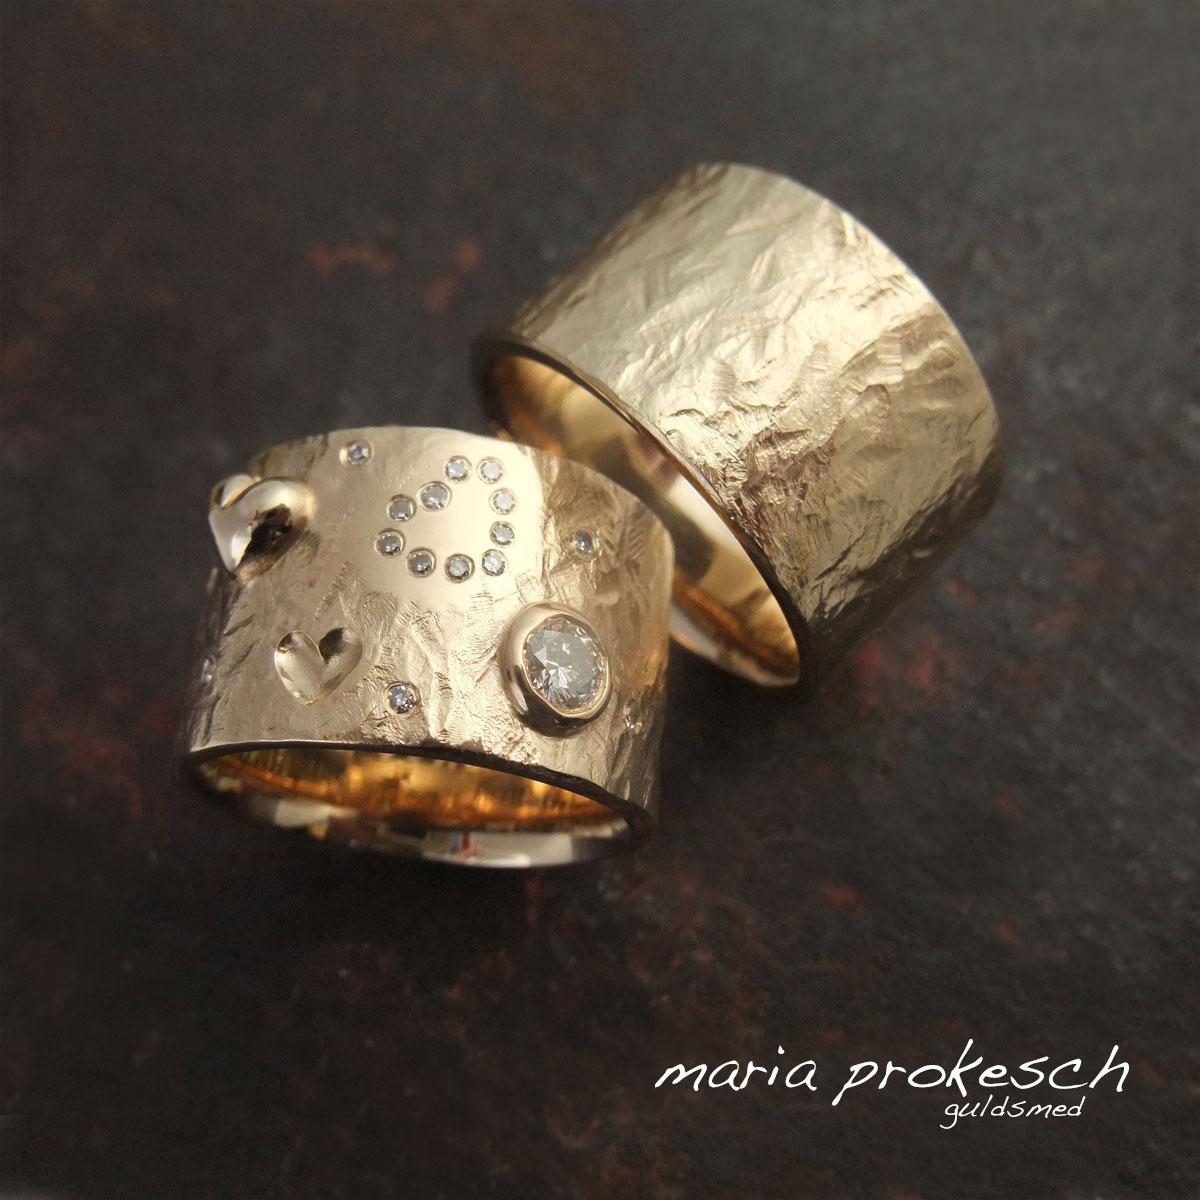 Bredde vielsesringe i 14 kt guld begge med rustikke overflader. Hendes med hjerter, som fordybning, som ophøjet og med små brillanter placeret som hjerte. En stor diamant i rørfatning og små diamanter strøet giver endnu mere blikfang.